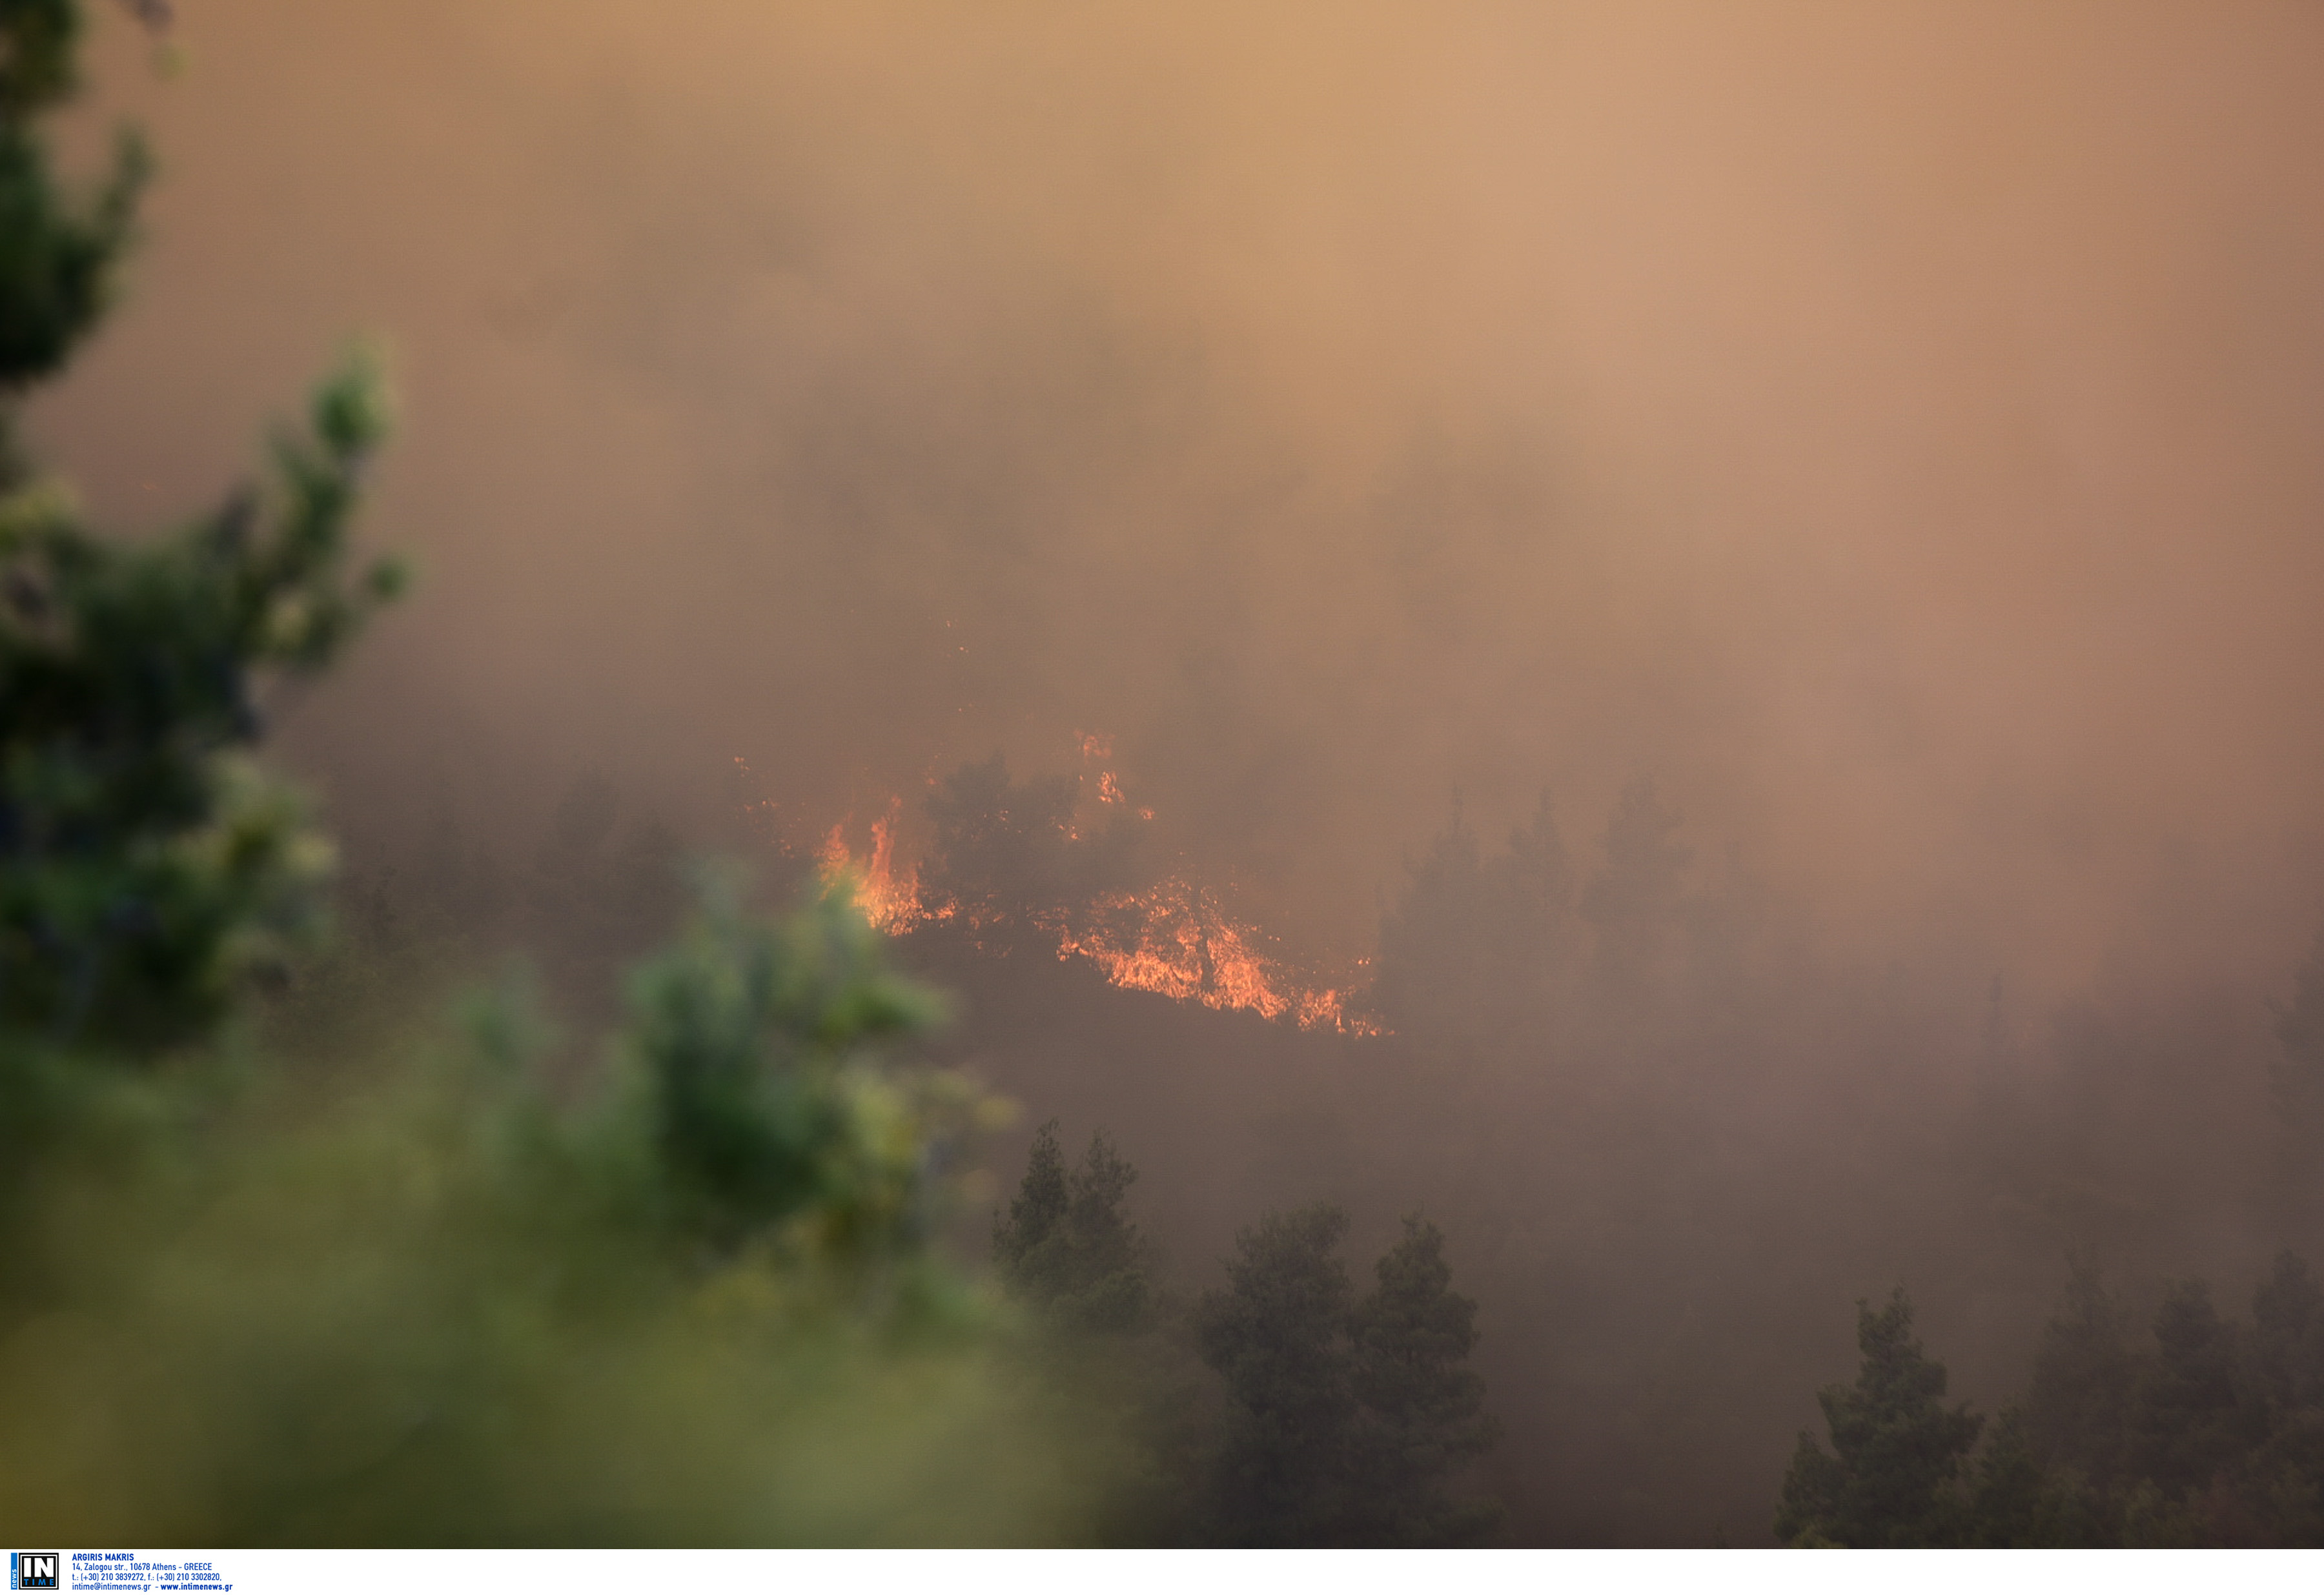 Συναγερμός στην Αττική! Μεγάλος ο κίνδυνος πυρκαγιάς σήμερα – Στο «κόκκινο» και η Εύβοια